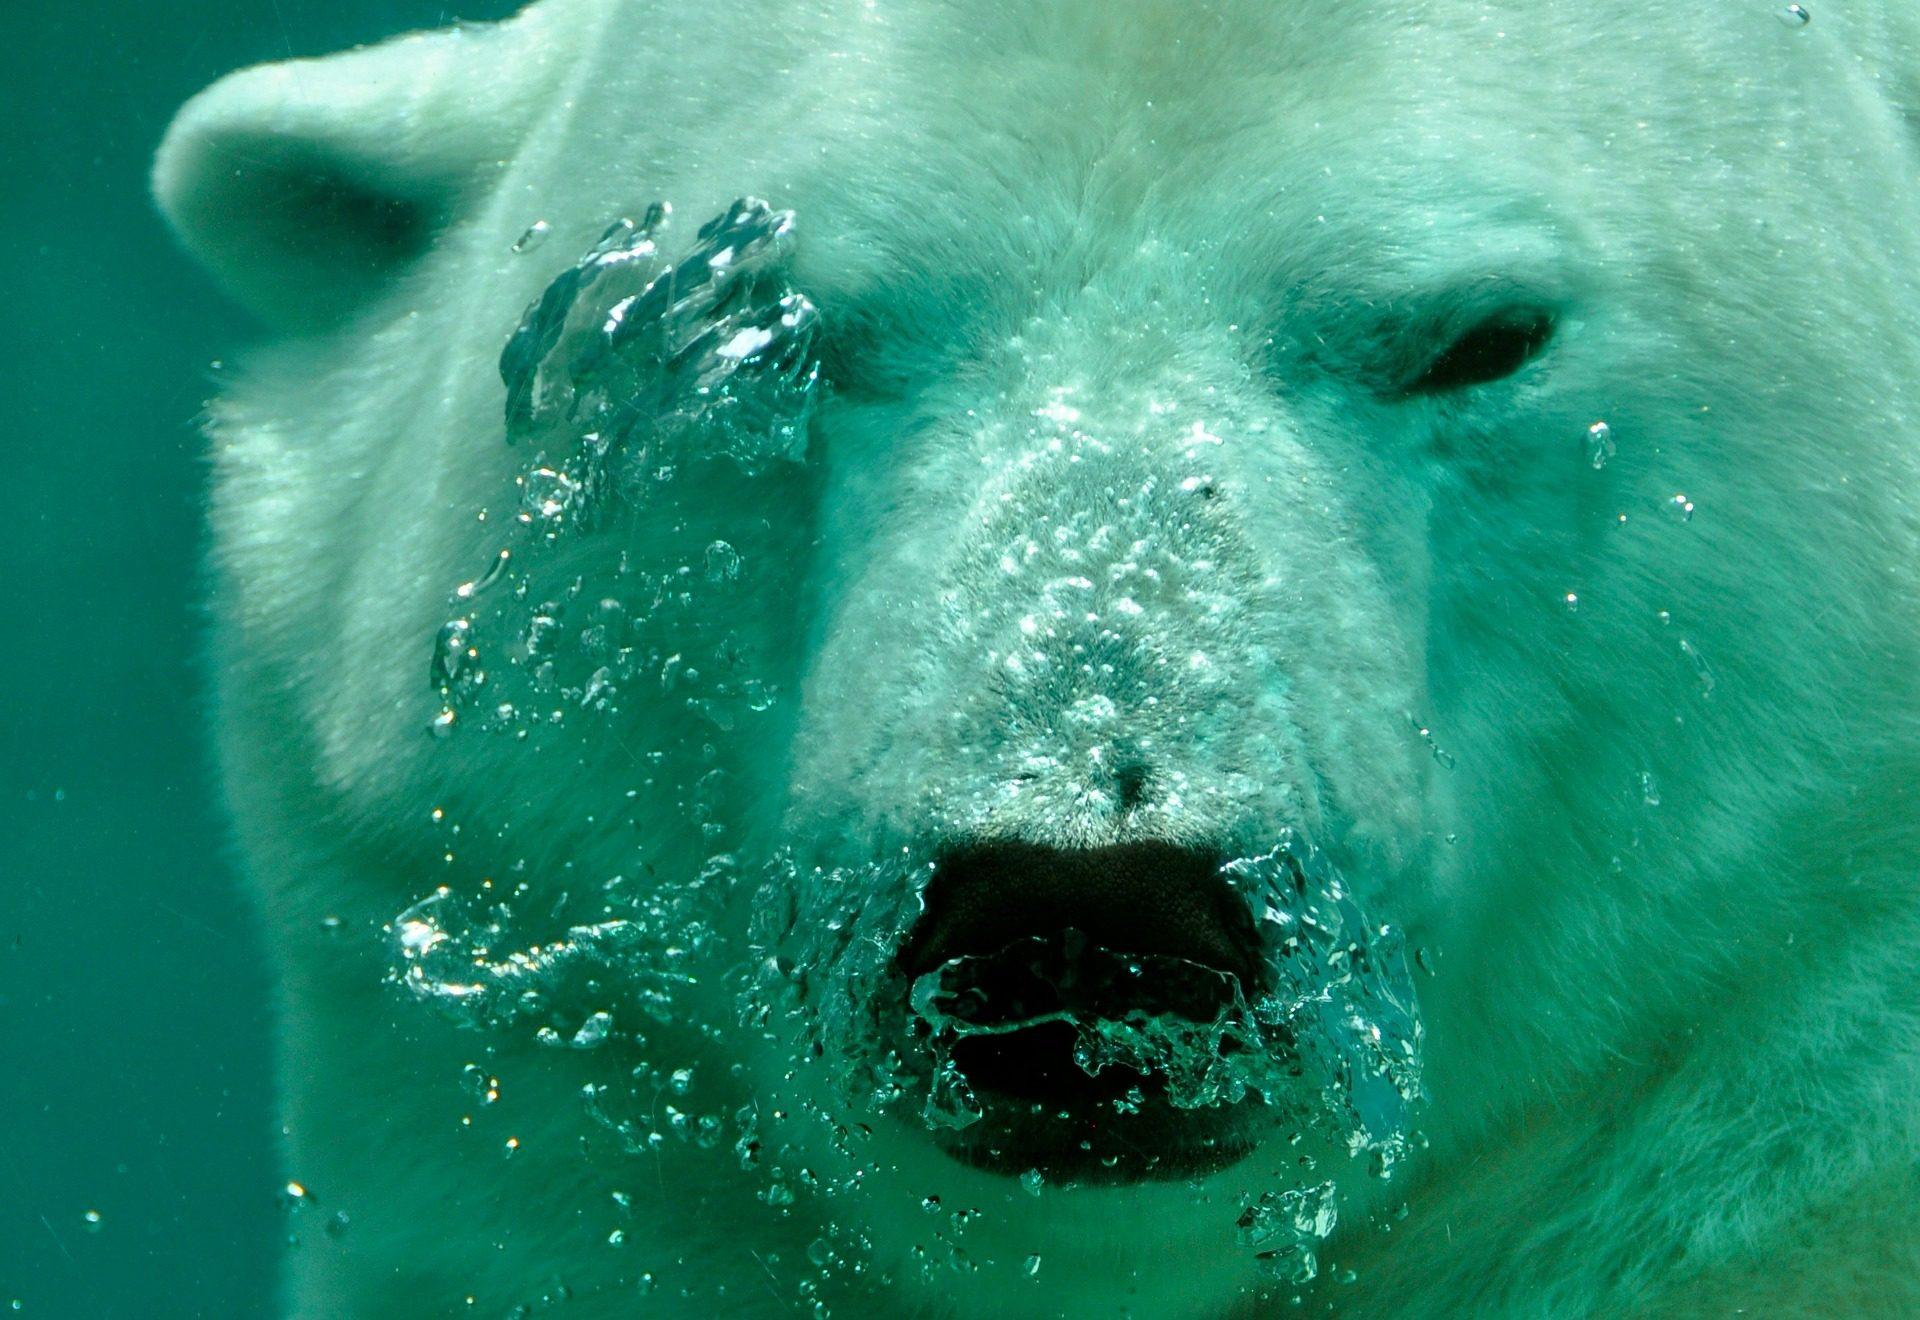 αρκούδα, Polar, θηλαστικό, νερό, υποβρύχια - Wallpapers HD - Professor-falken.com